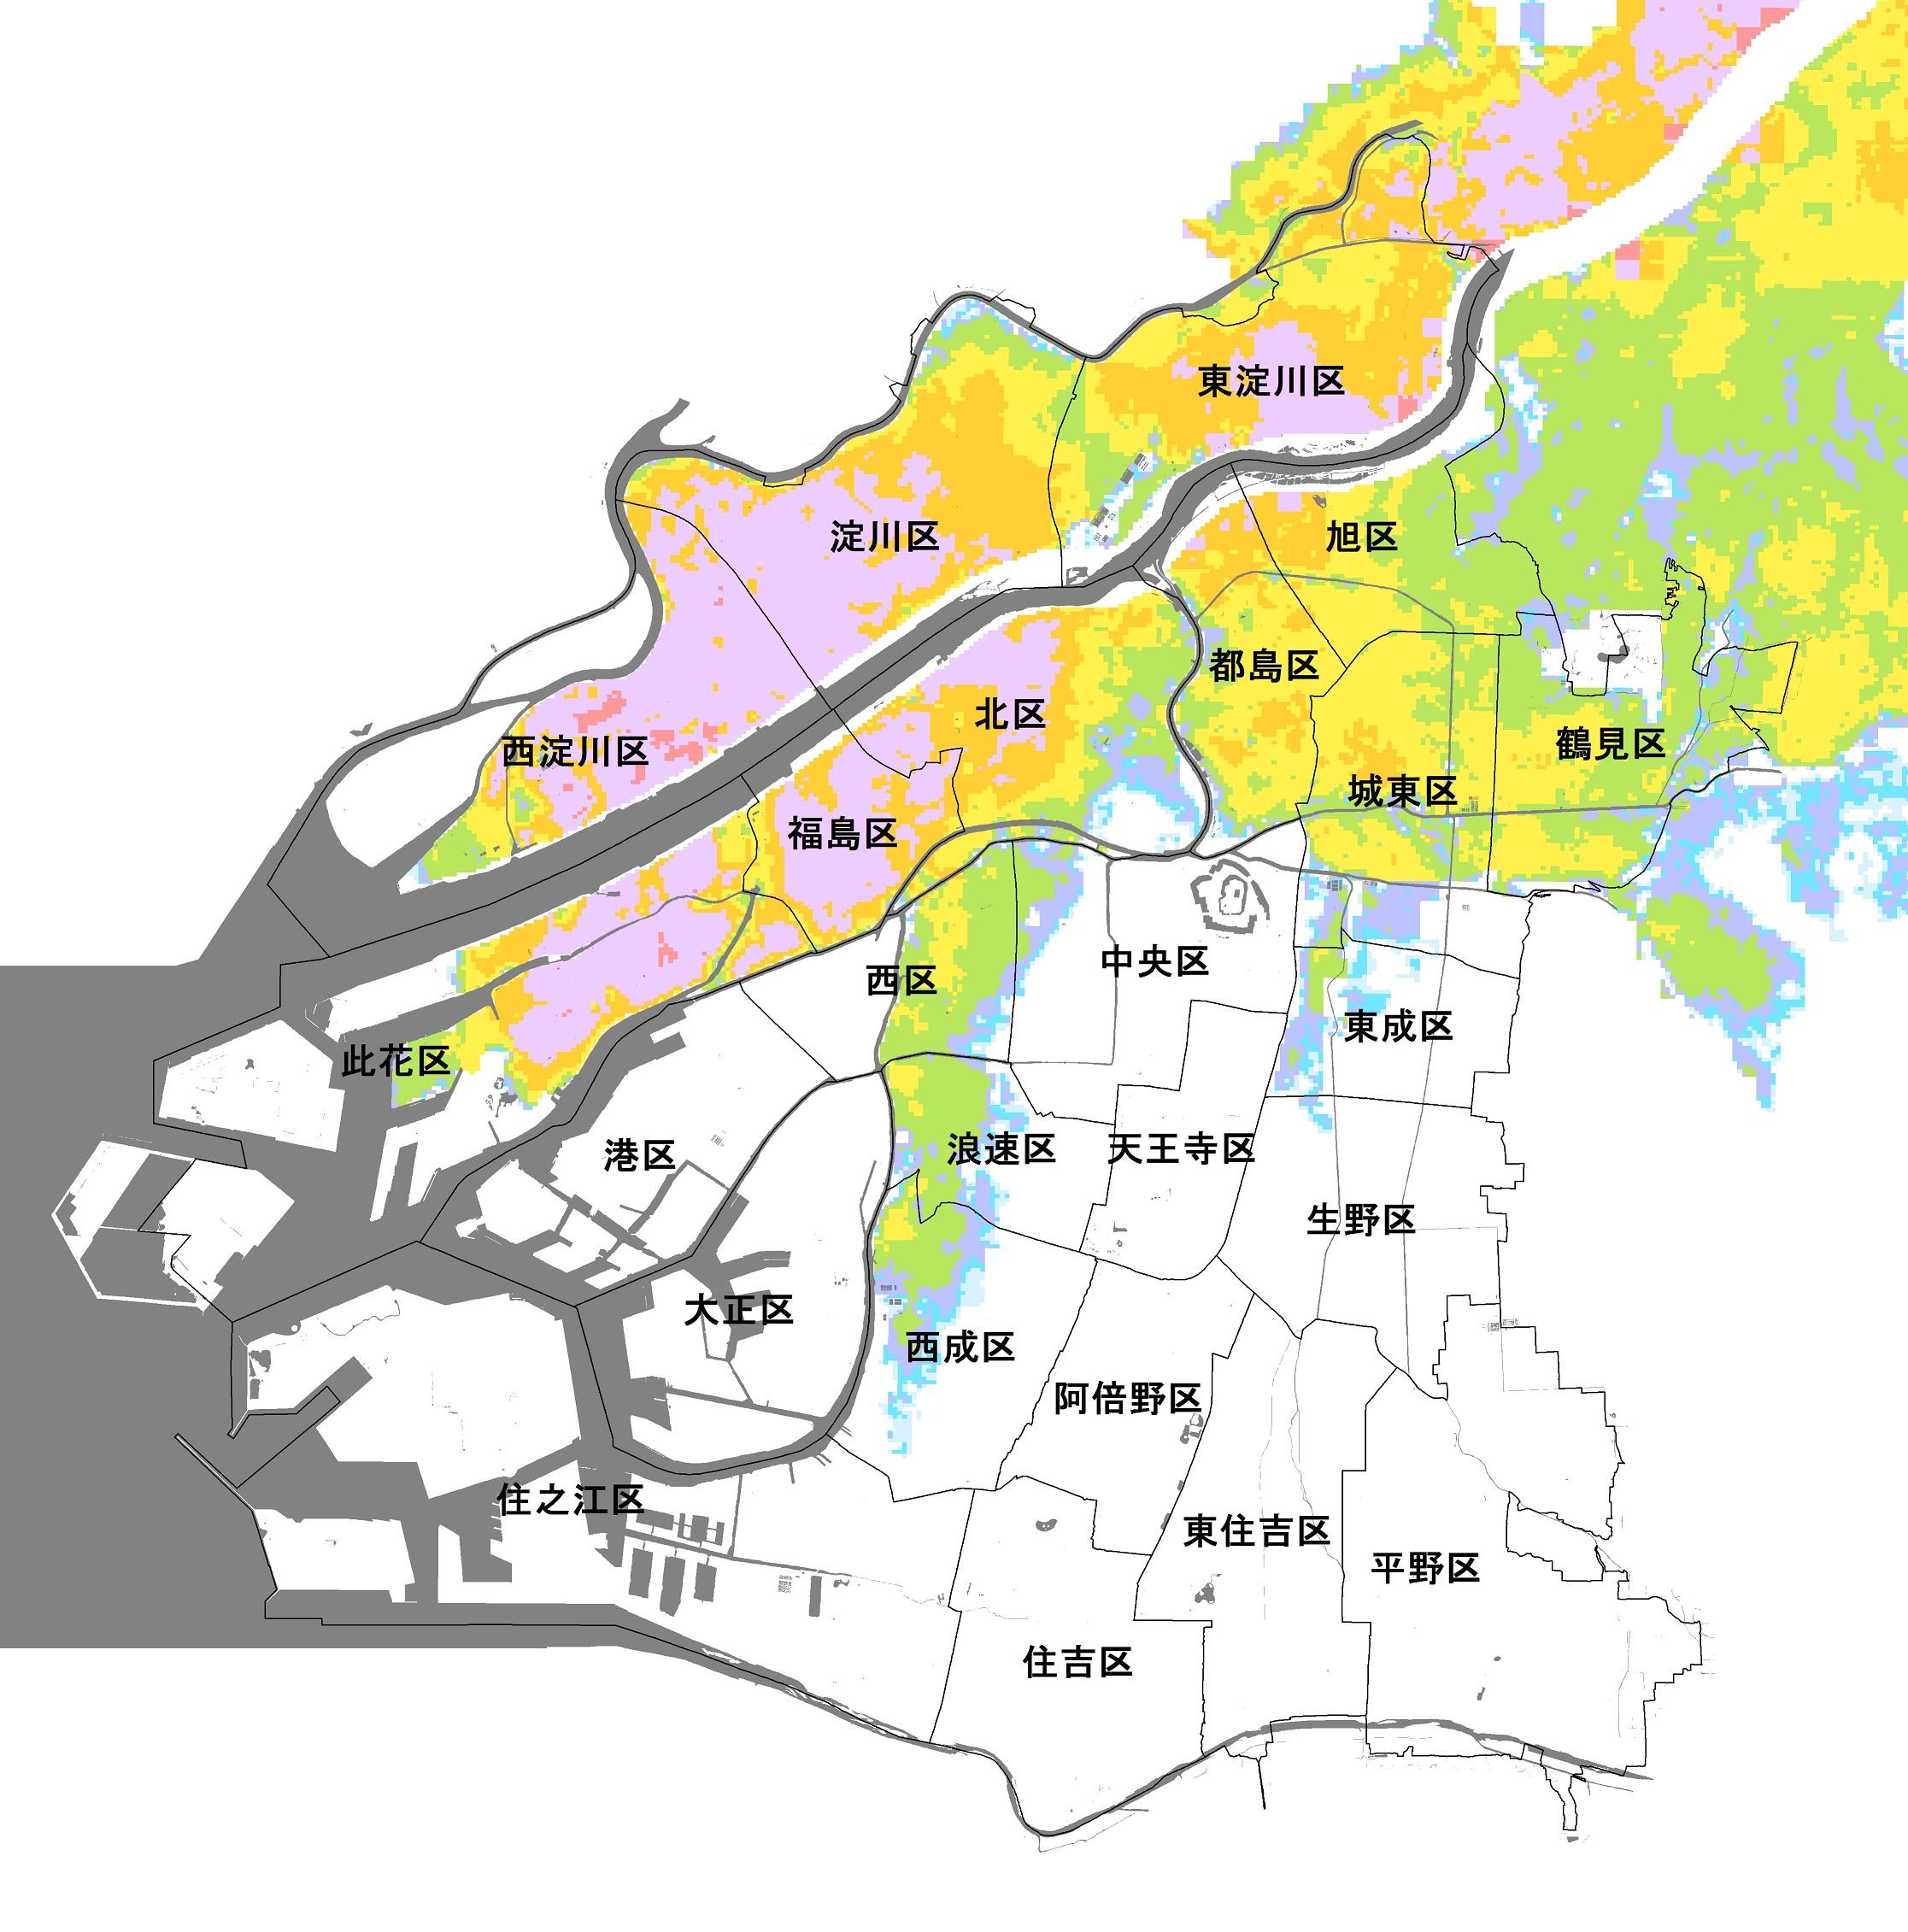 大阪市(淀川の氾濫)のハザードマップ